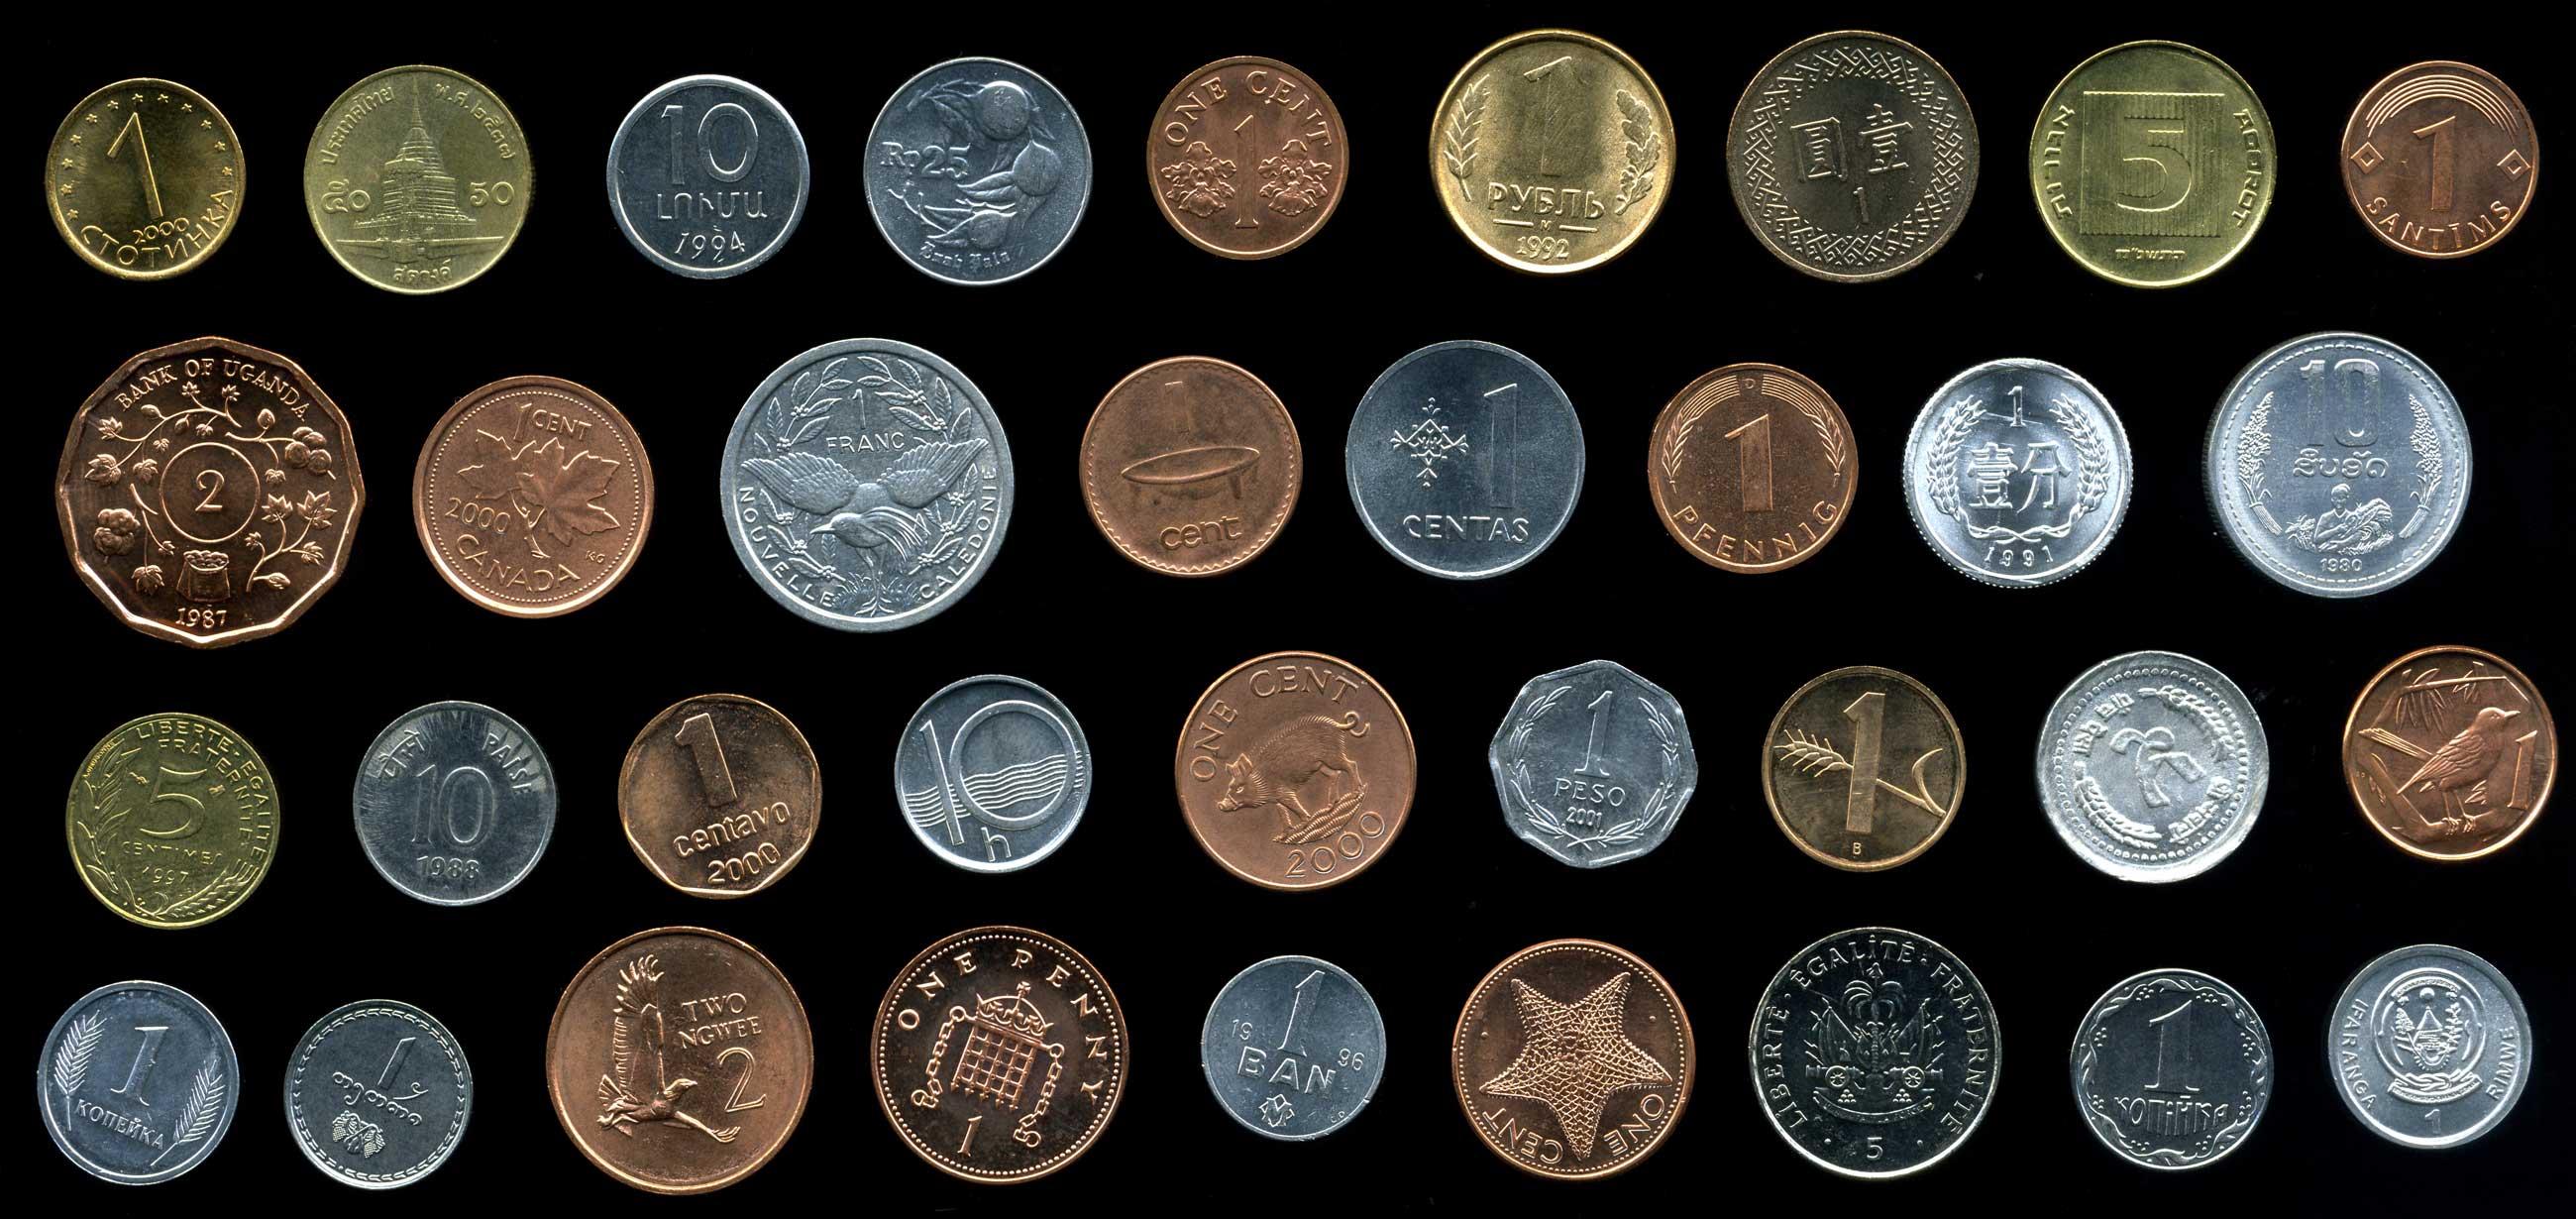 монеты разных стран мира фото и названия качественный ремонт фотоаппарата